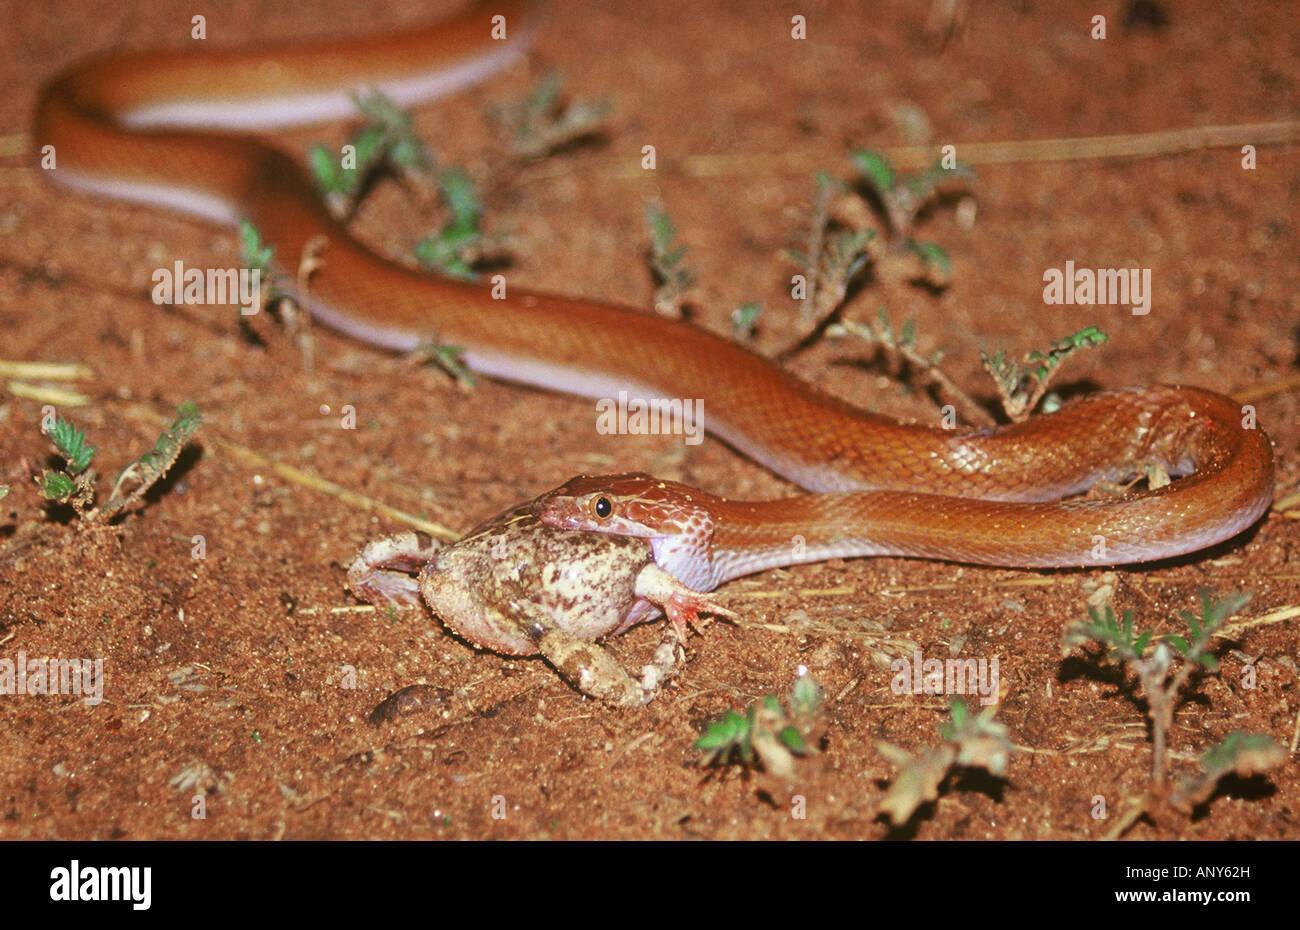 Namibia Haus Kaufen brown haus schlange lrophis fuliginosus essen tremolo sand frosch tomopterna cryptotis in